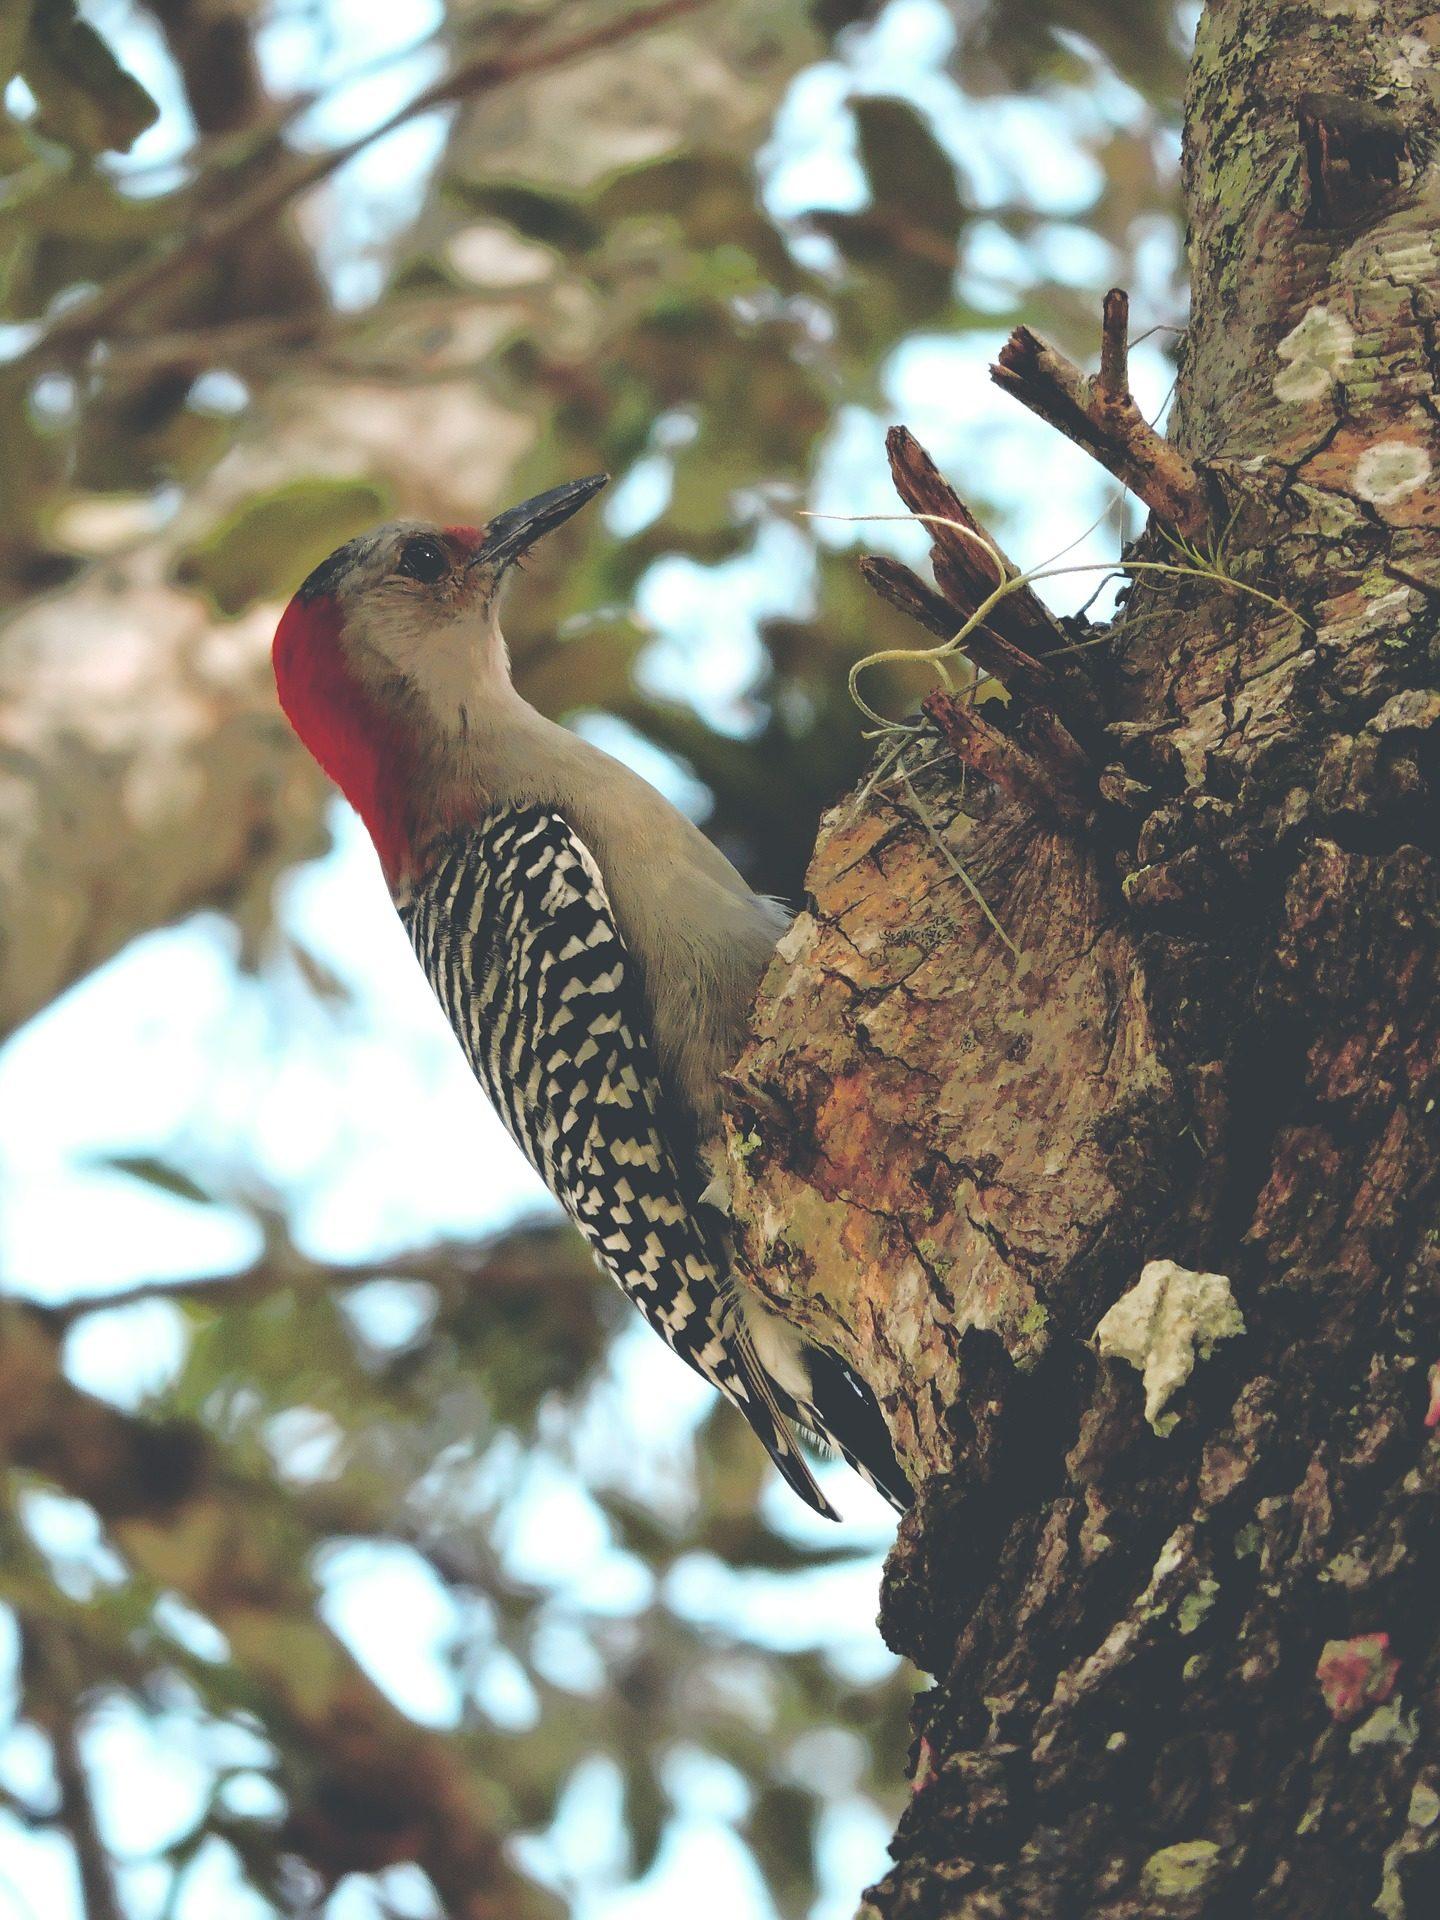 Πουλί, Ξυλουργός, Λ., κορυφή, δέντρο, φτέρωμα - Wallpapers HD - Professor-falken.com